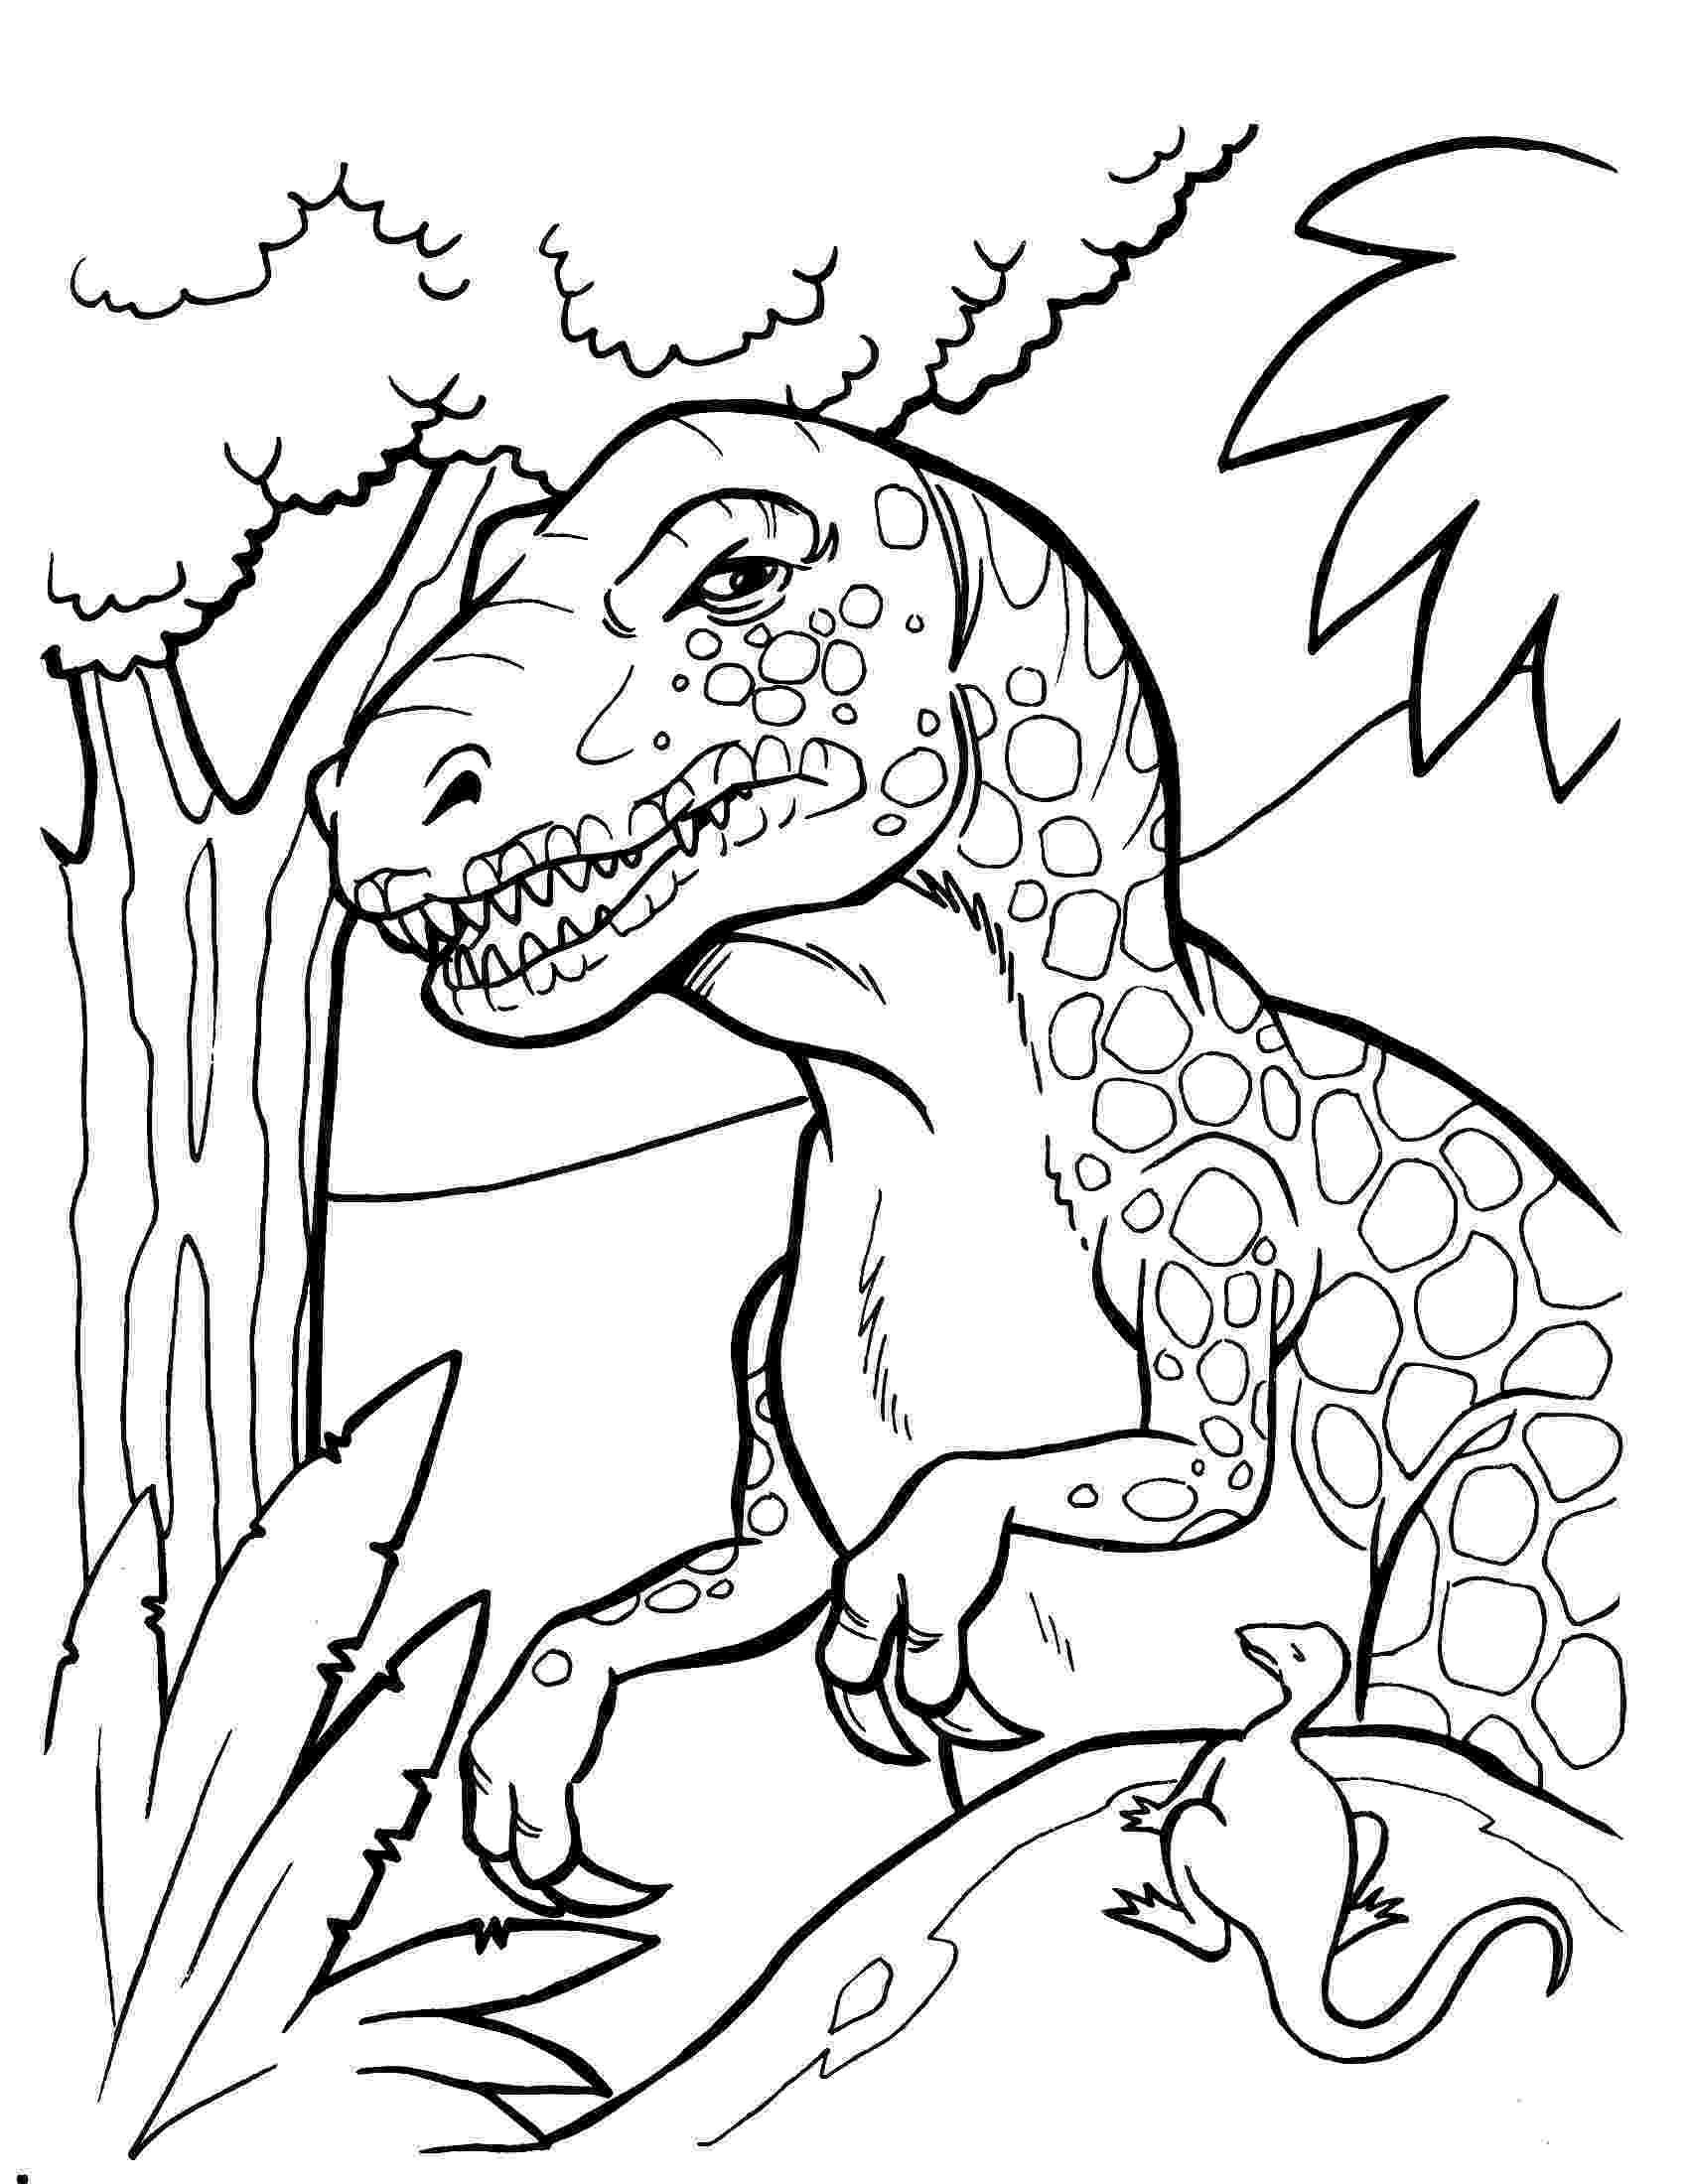 free dinosaur printables free printable dinosaur crafts free printable valentines free printables dinosaur